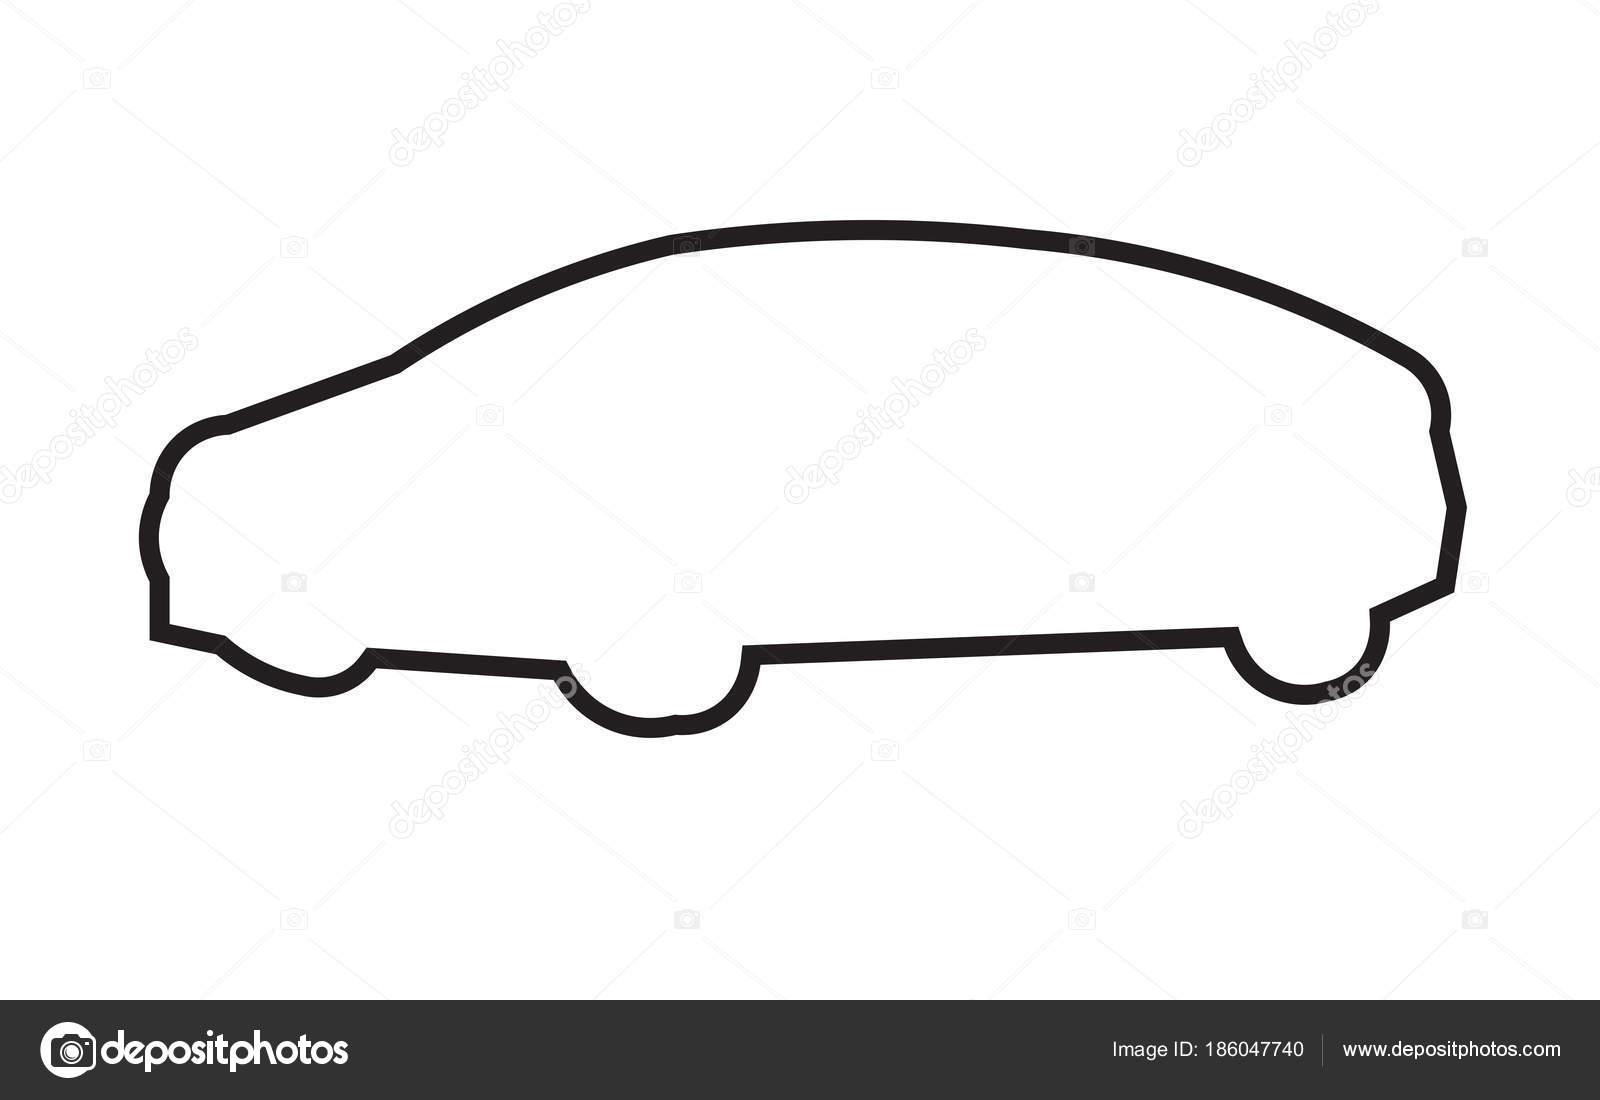 Car outline png.